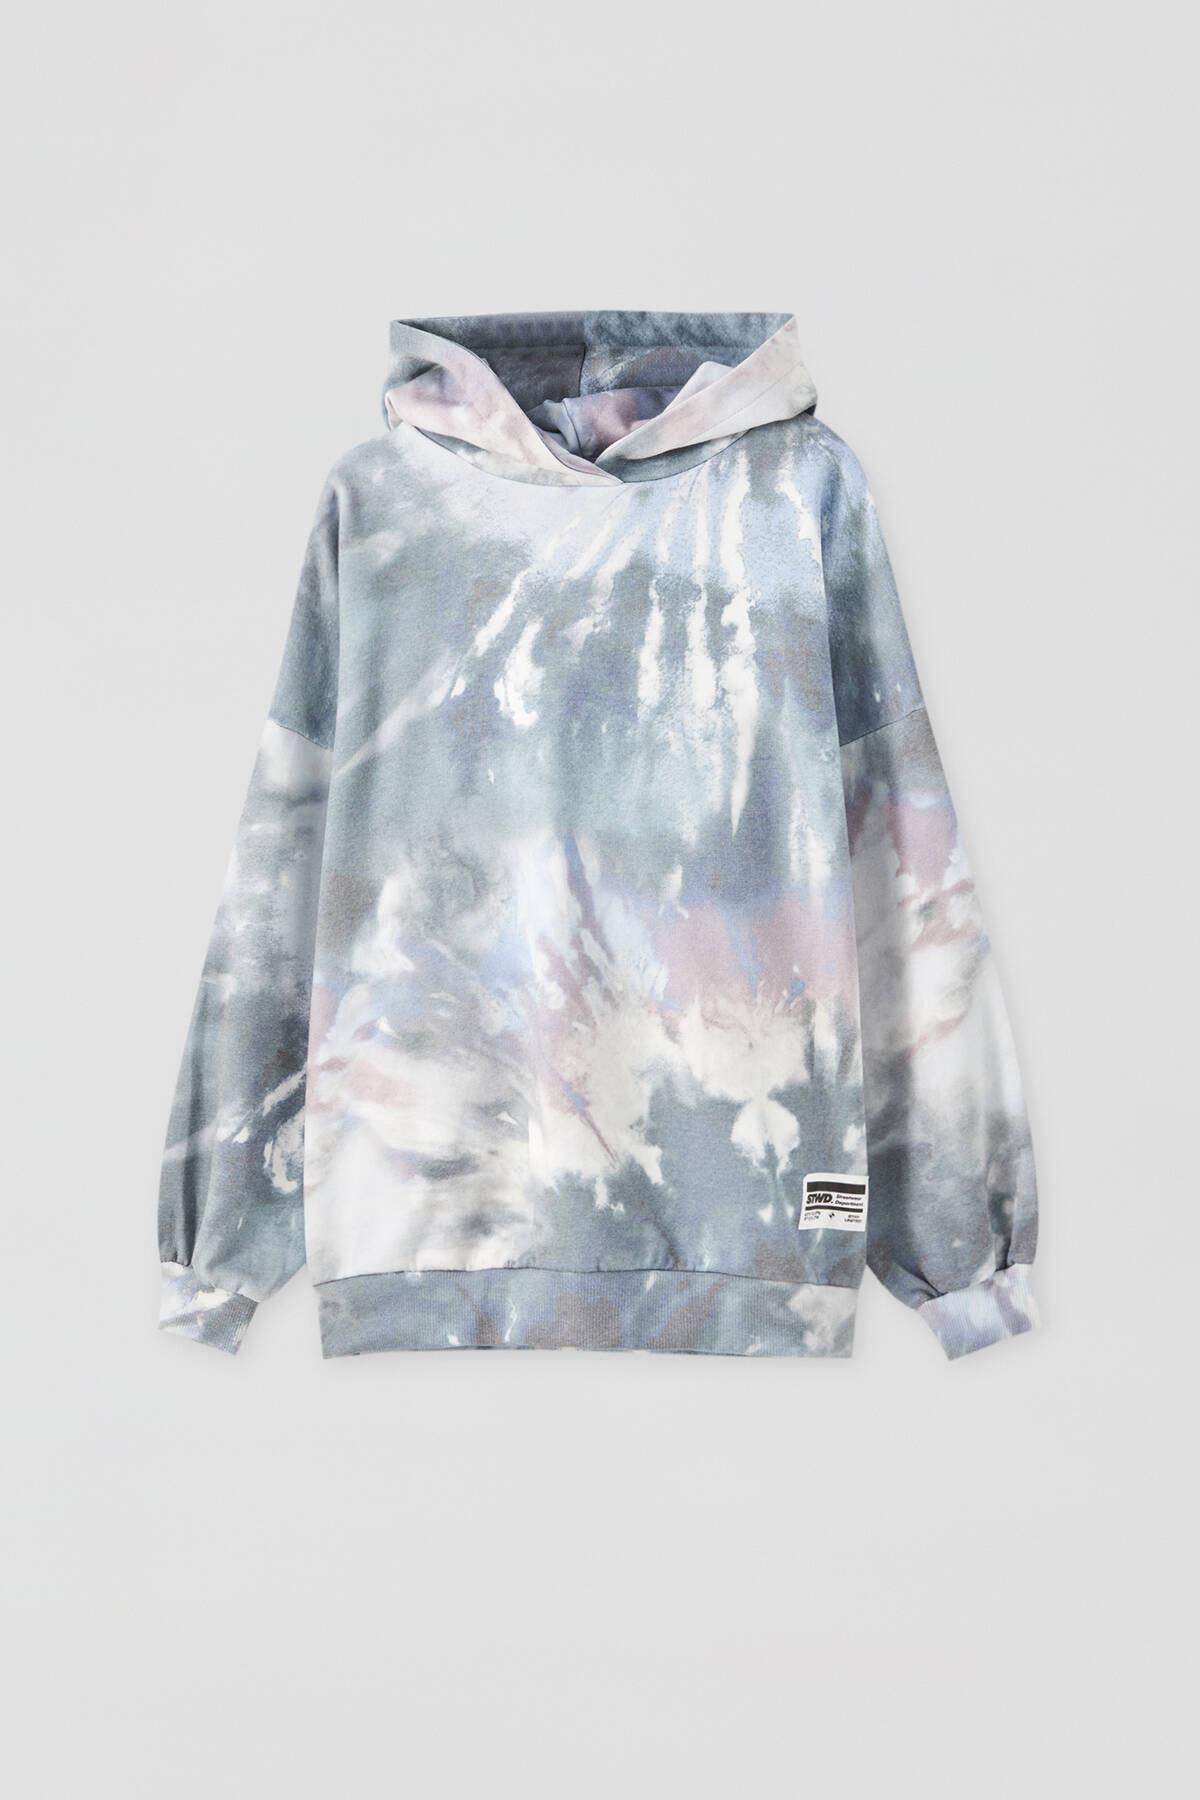 Pull & Bear Kadın Renkli İşlemeli Etiketli Batik Kapüşonlu Sweatshirt 09594320 4